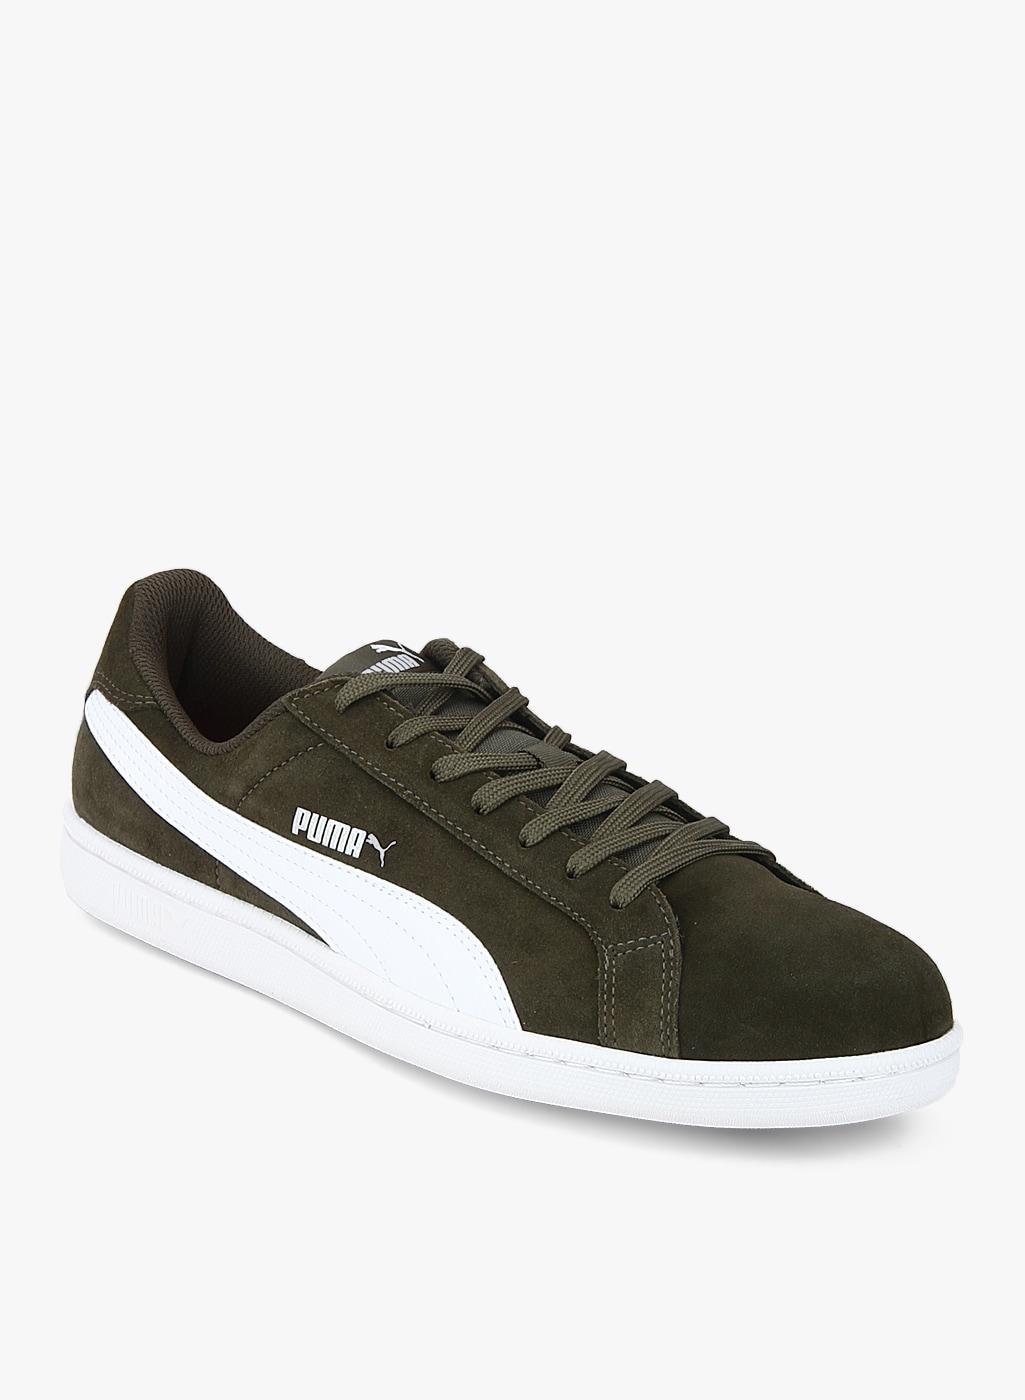 1e1334454d5 Puma Men Ferrari Shoes - Buy Puma Men Ferrari Shoes online in India